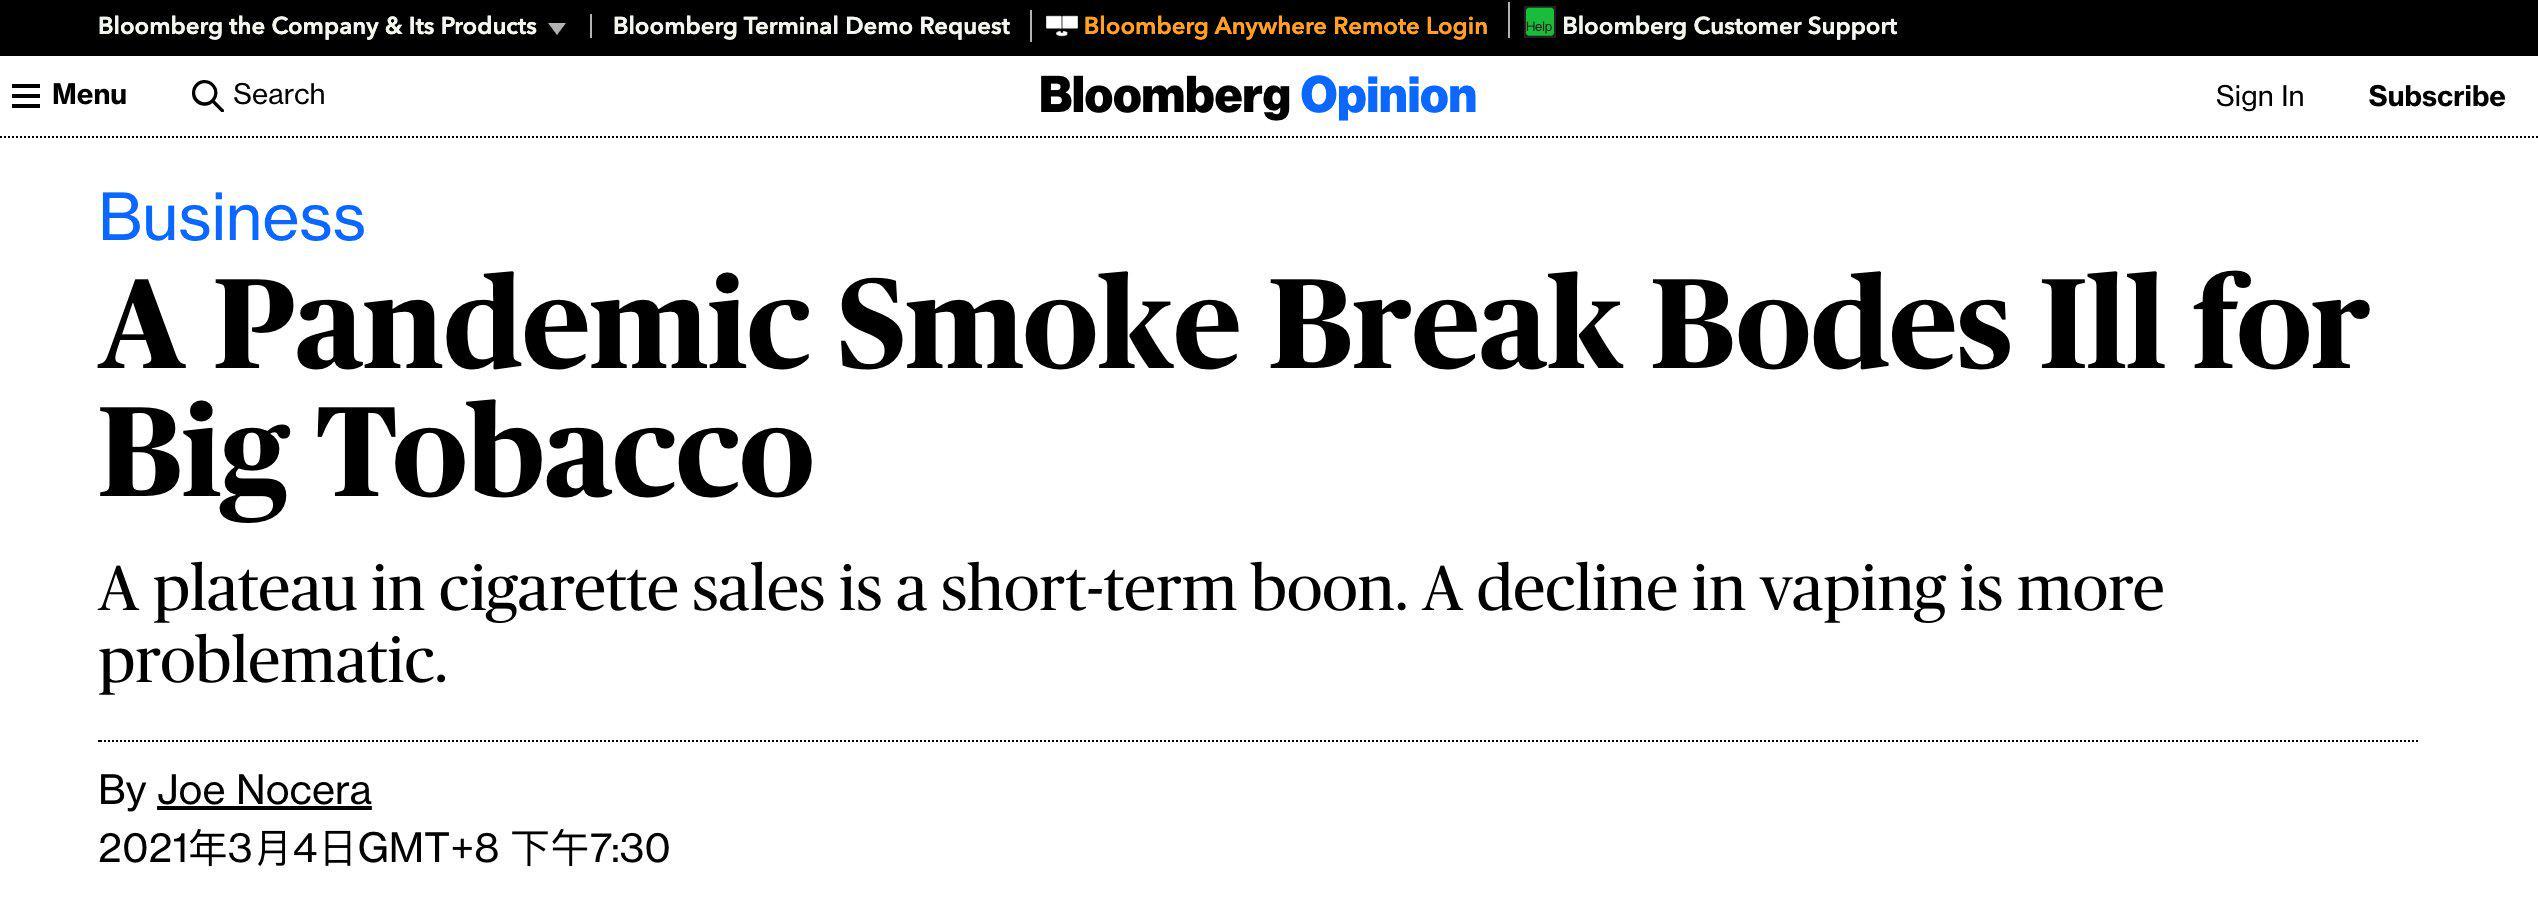 电子烟持续被妖魔化,灾难性后果正在显现